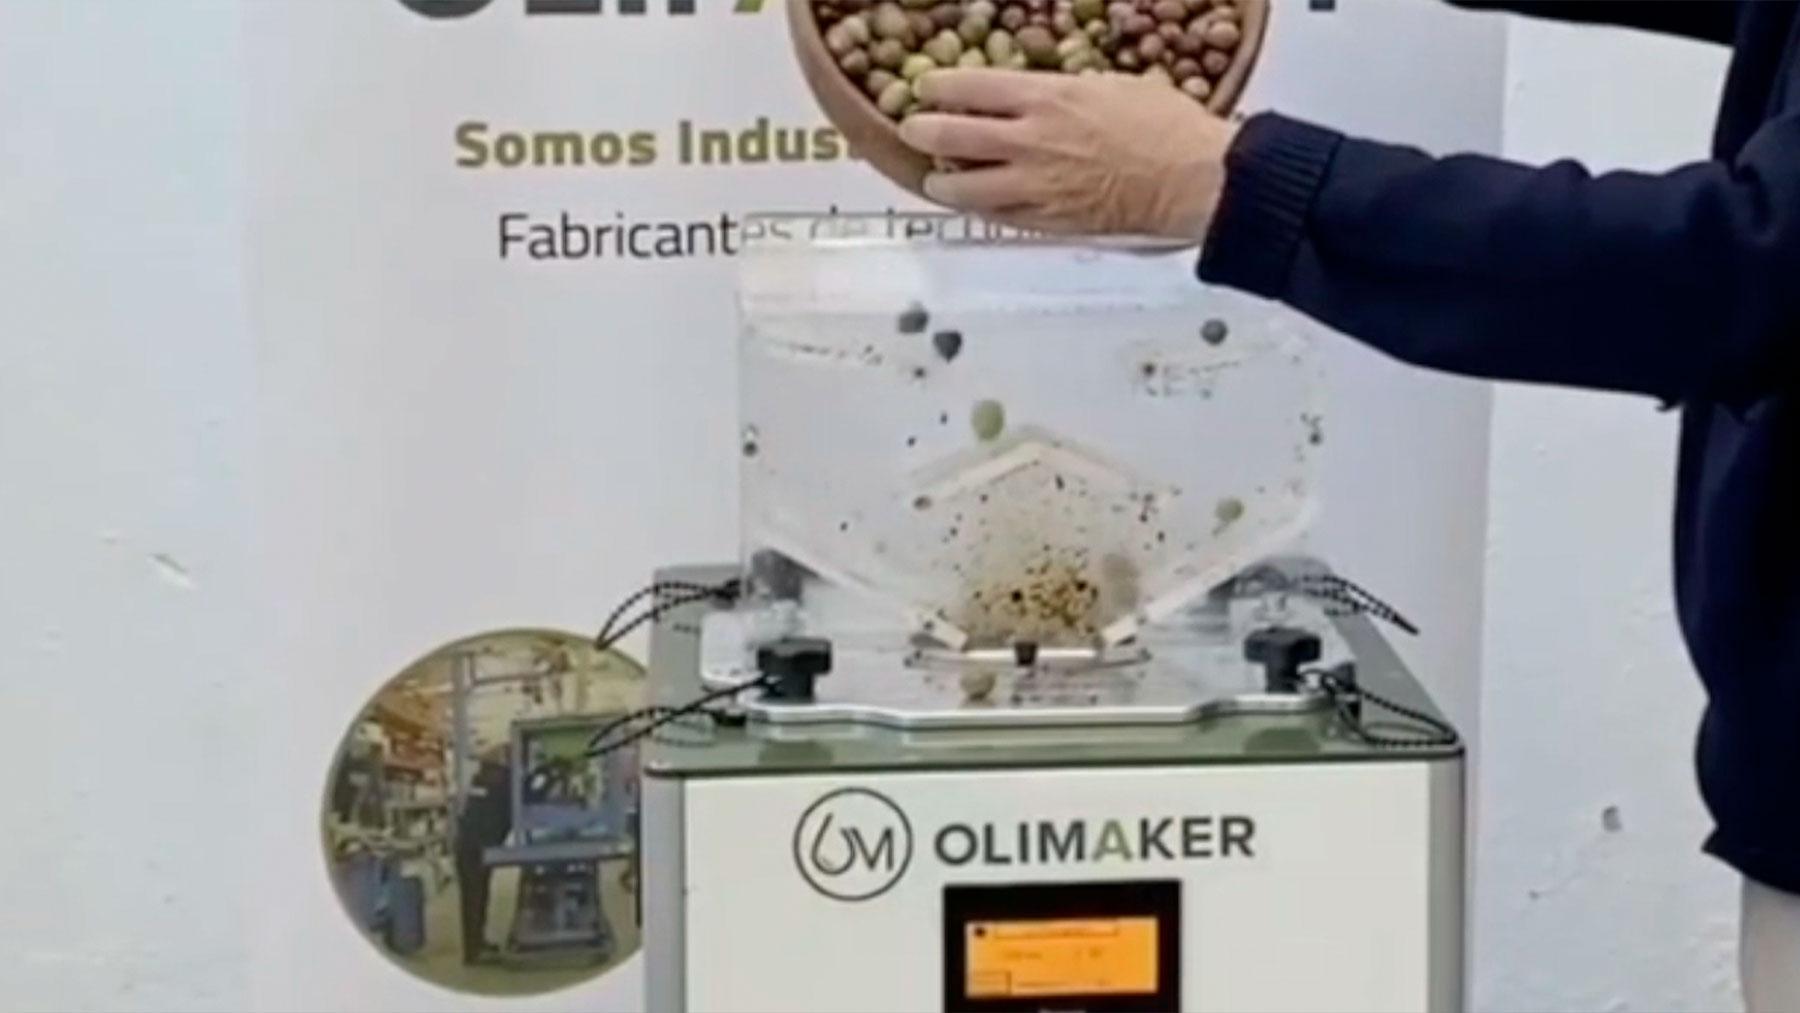 Micro almazara creada en espña